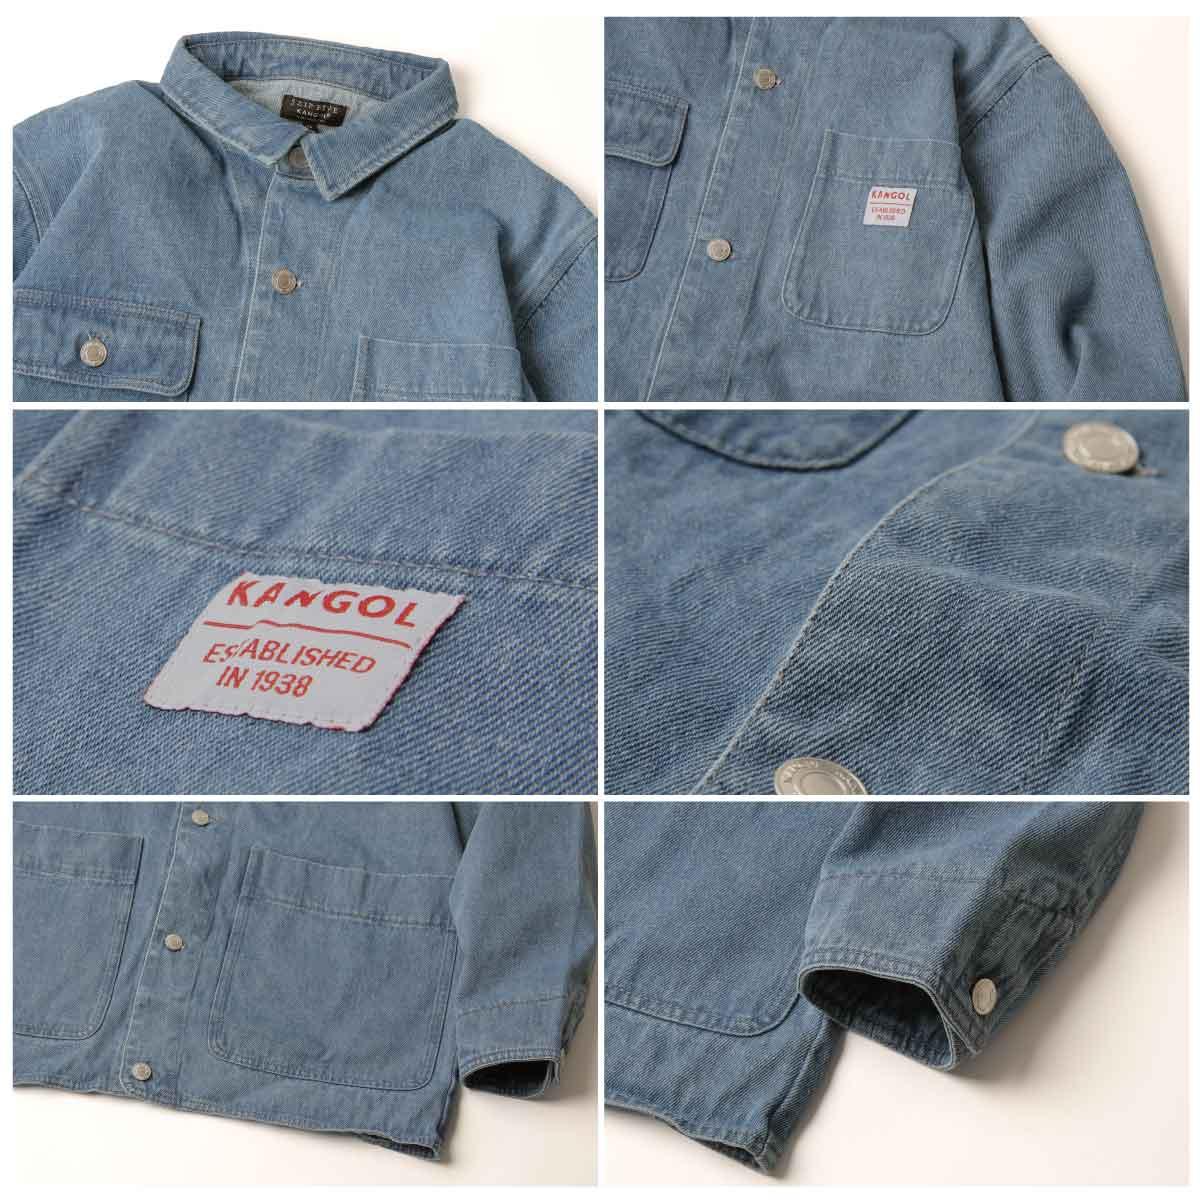 KANGOL 工裝丹寧夾克 寬版 別注款 4